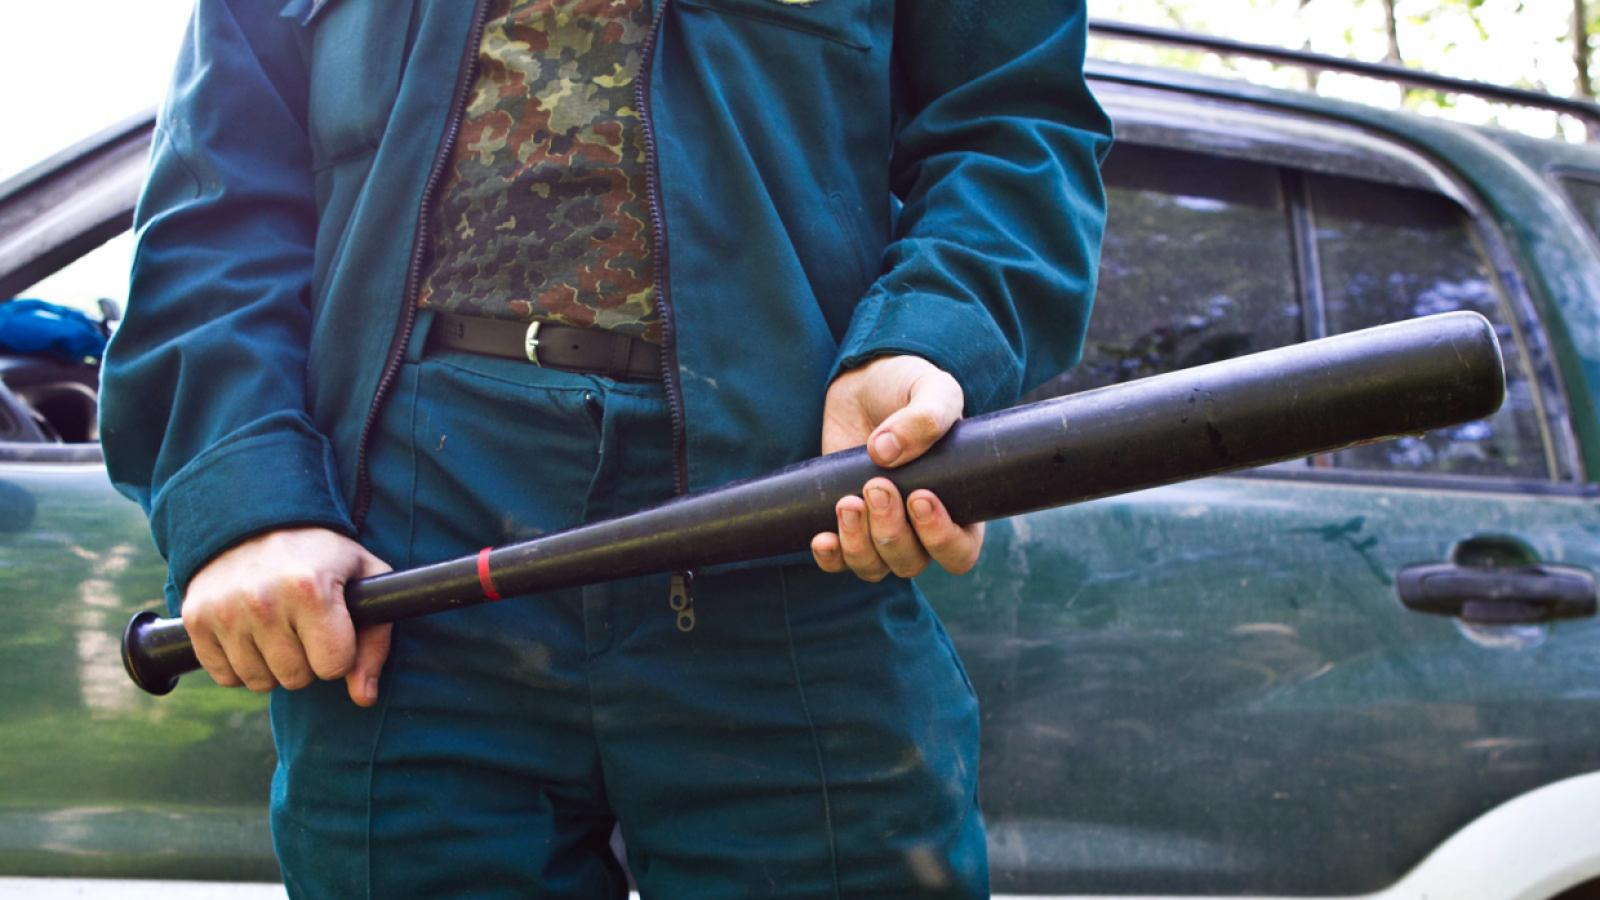 На Вологодчине дачник из Санкт-Петербурга битой забил соседа до смерти